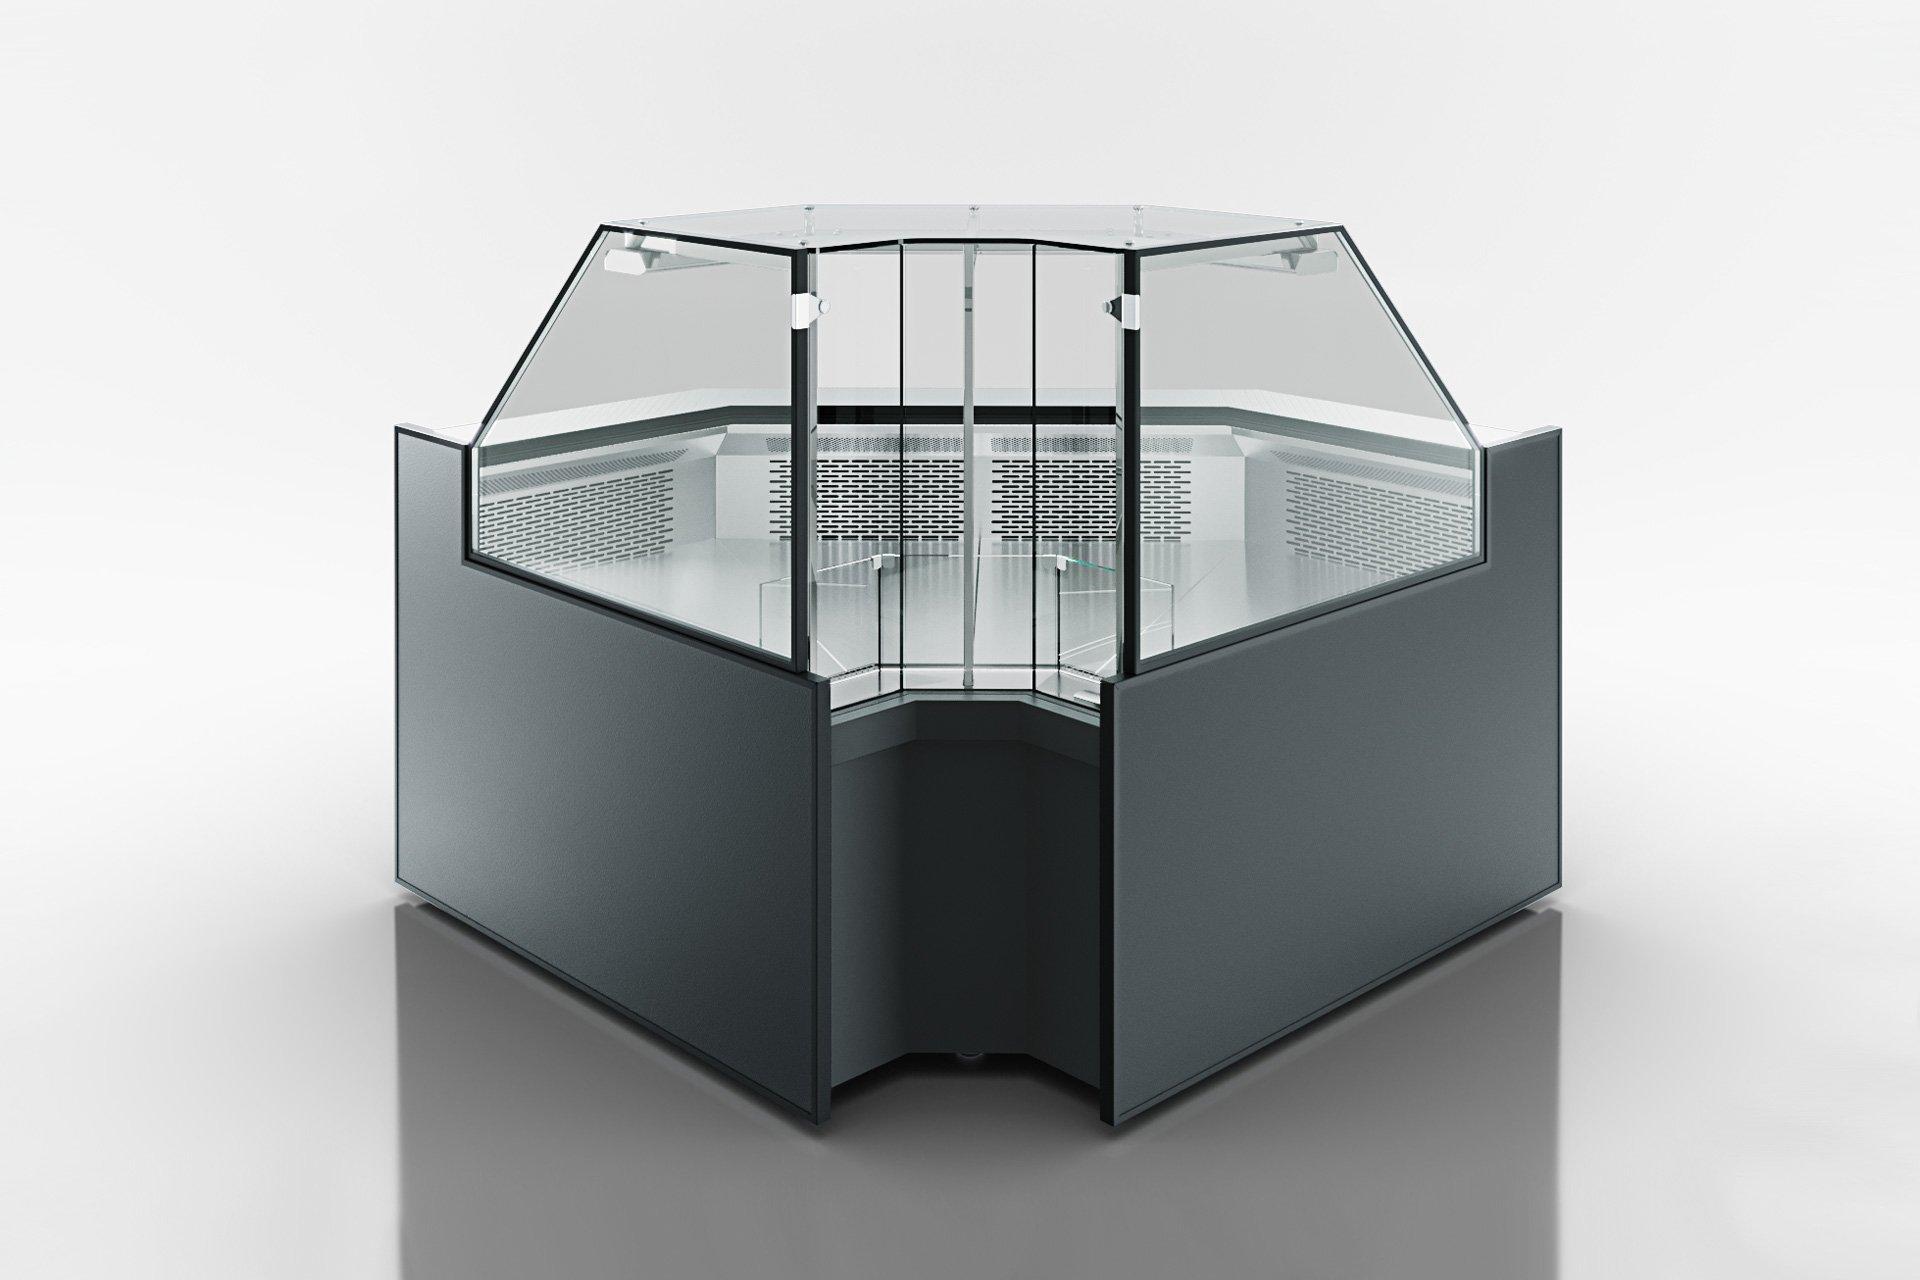 Угловые эленты холодильных витрин Missouri MC 120 deli PP 130-DLM-IS90